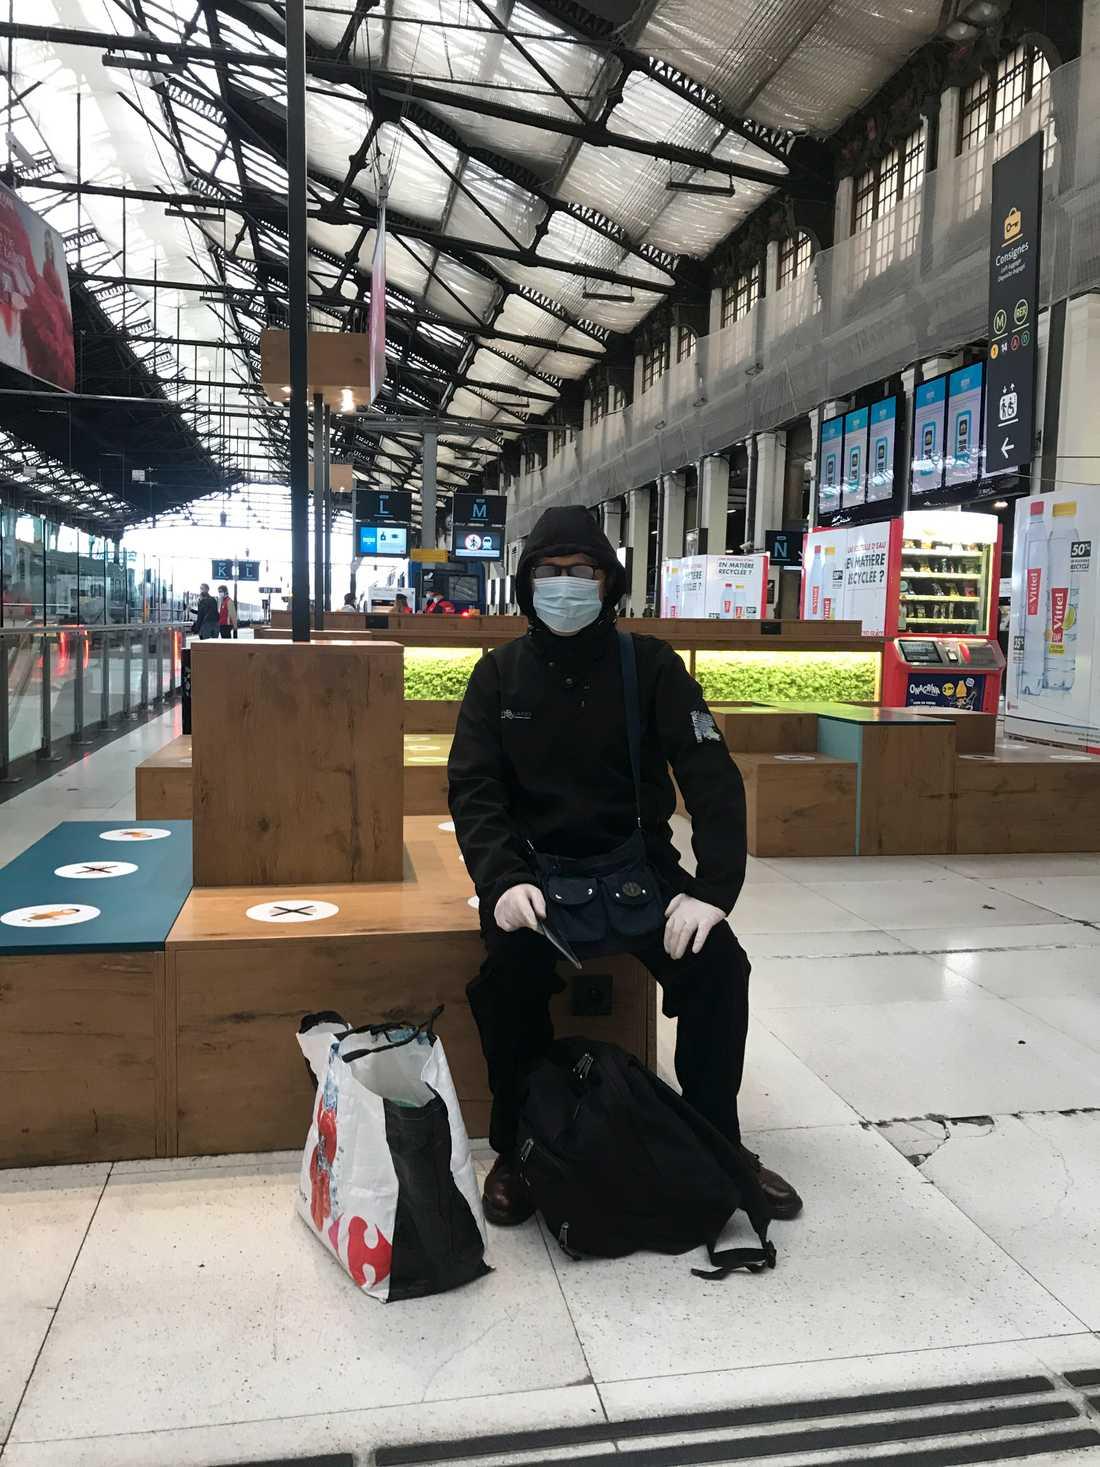 Alexis Zunino är på väg till jobbet och bär maximalt med skydd: munskydd, huva, glasögon och handskar, men säger att han ändå inte känner sig så orolig för att ge sig ut i samhället igen.